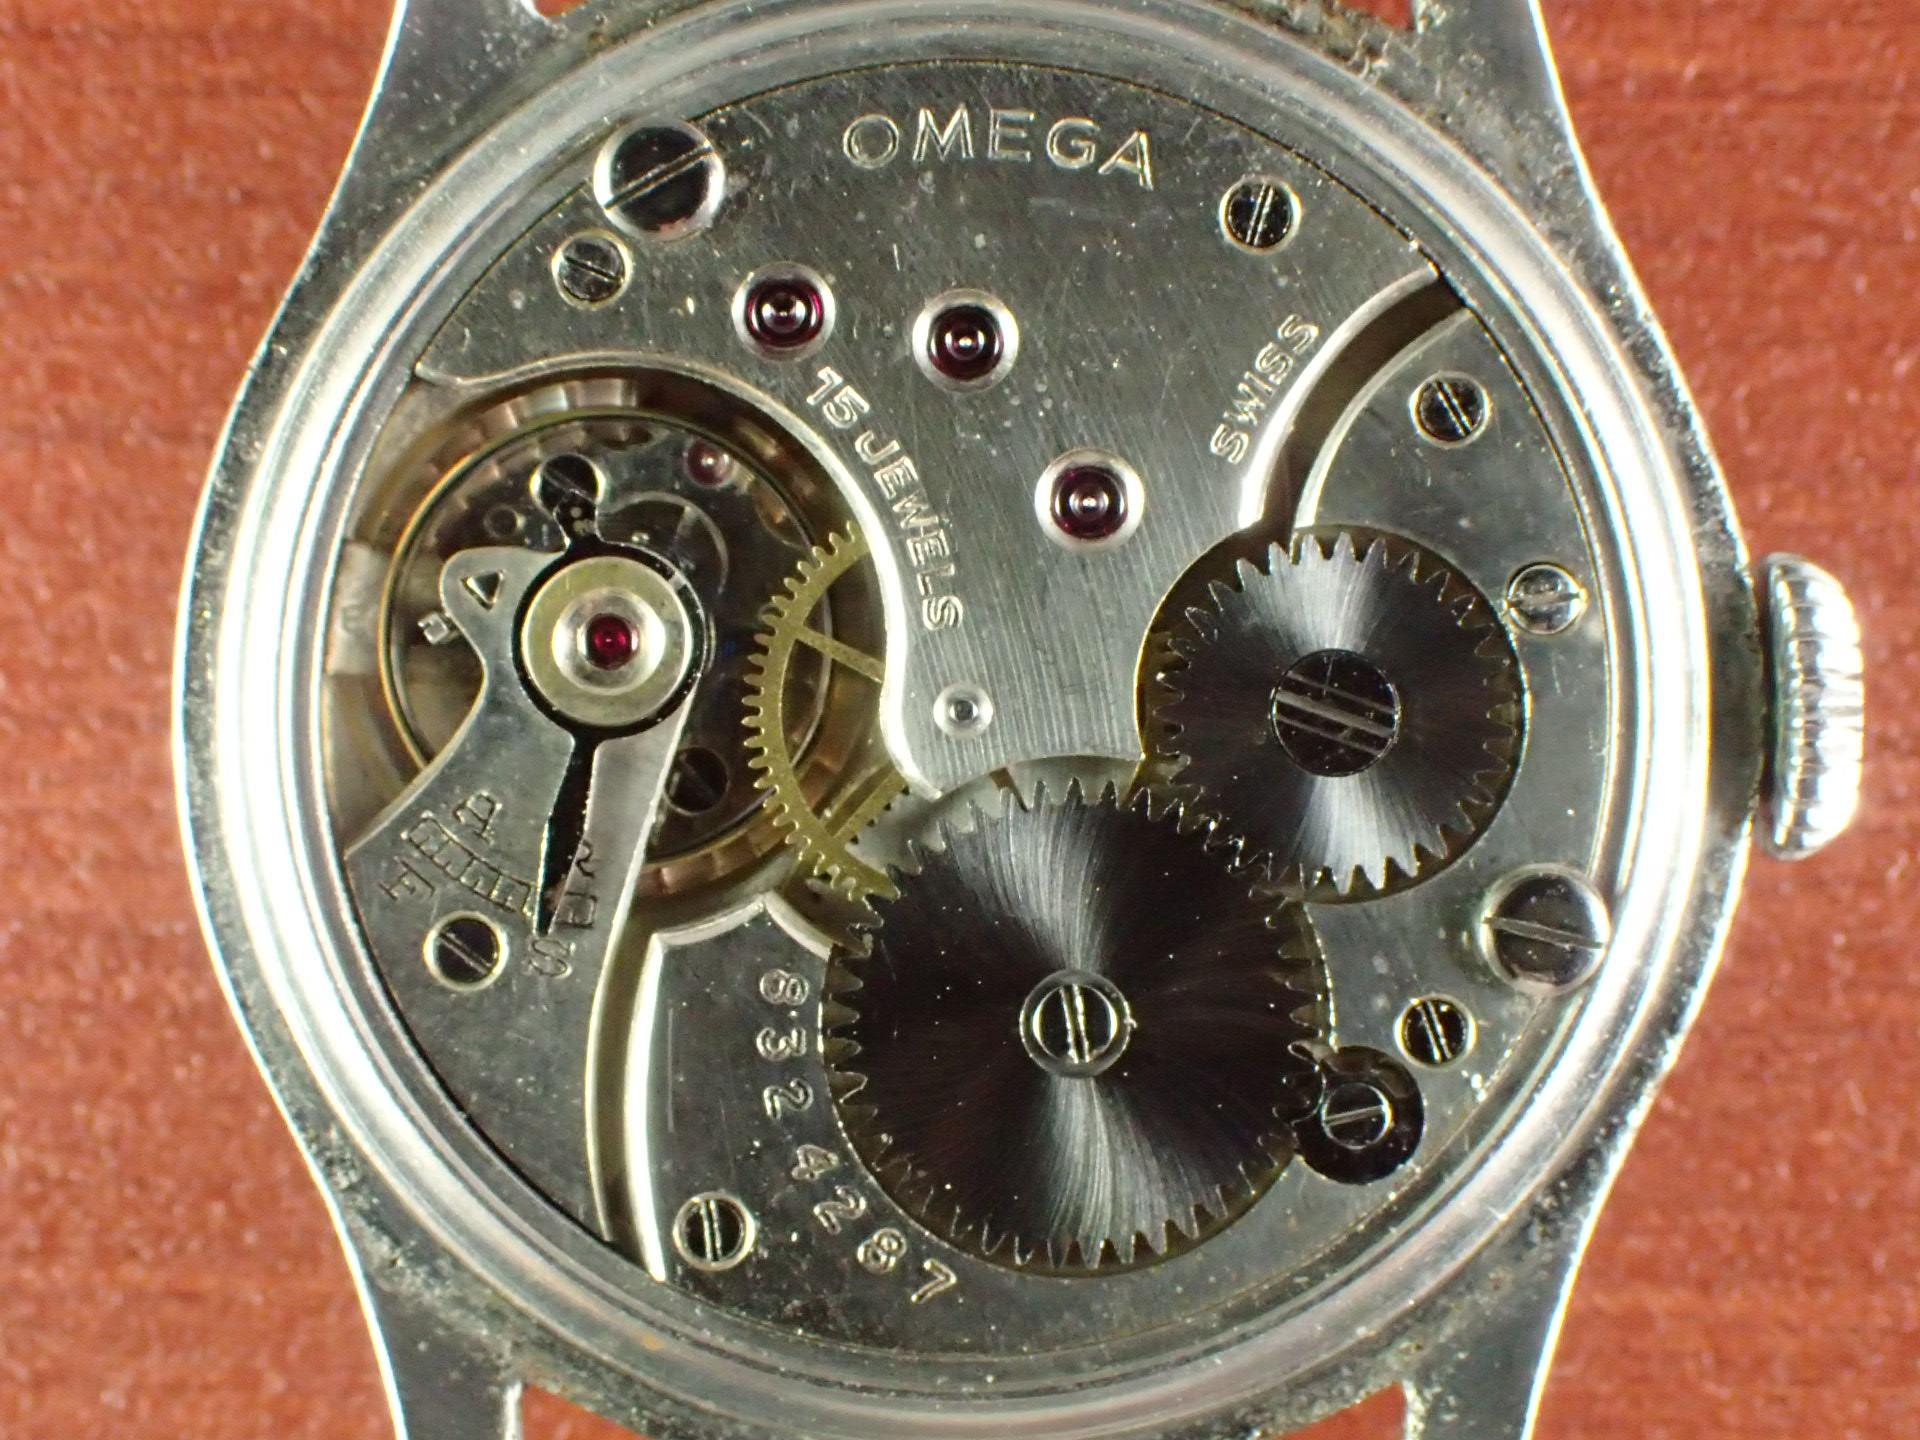 オメガ ローマンセクターダイアル フラットベゼル Cal.26.5 SOB 1930年代の写真5枚目